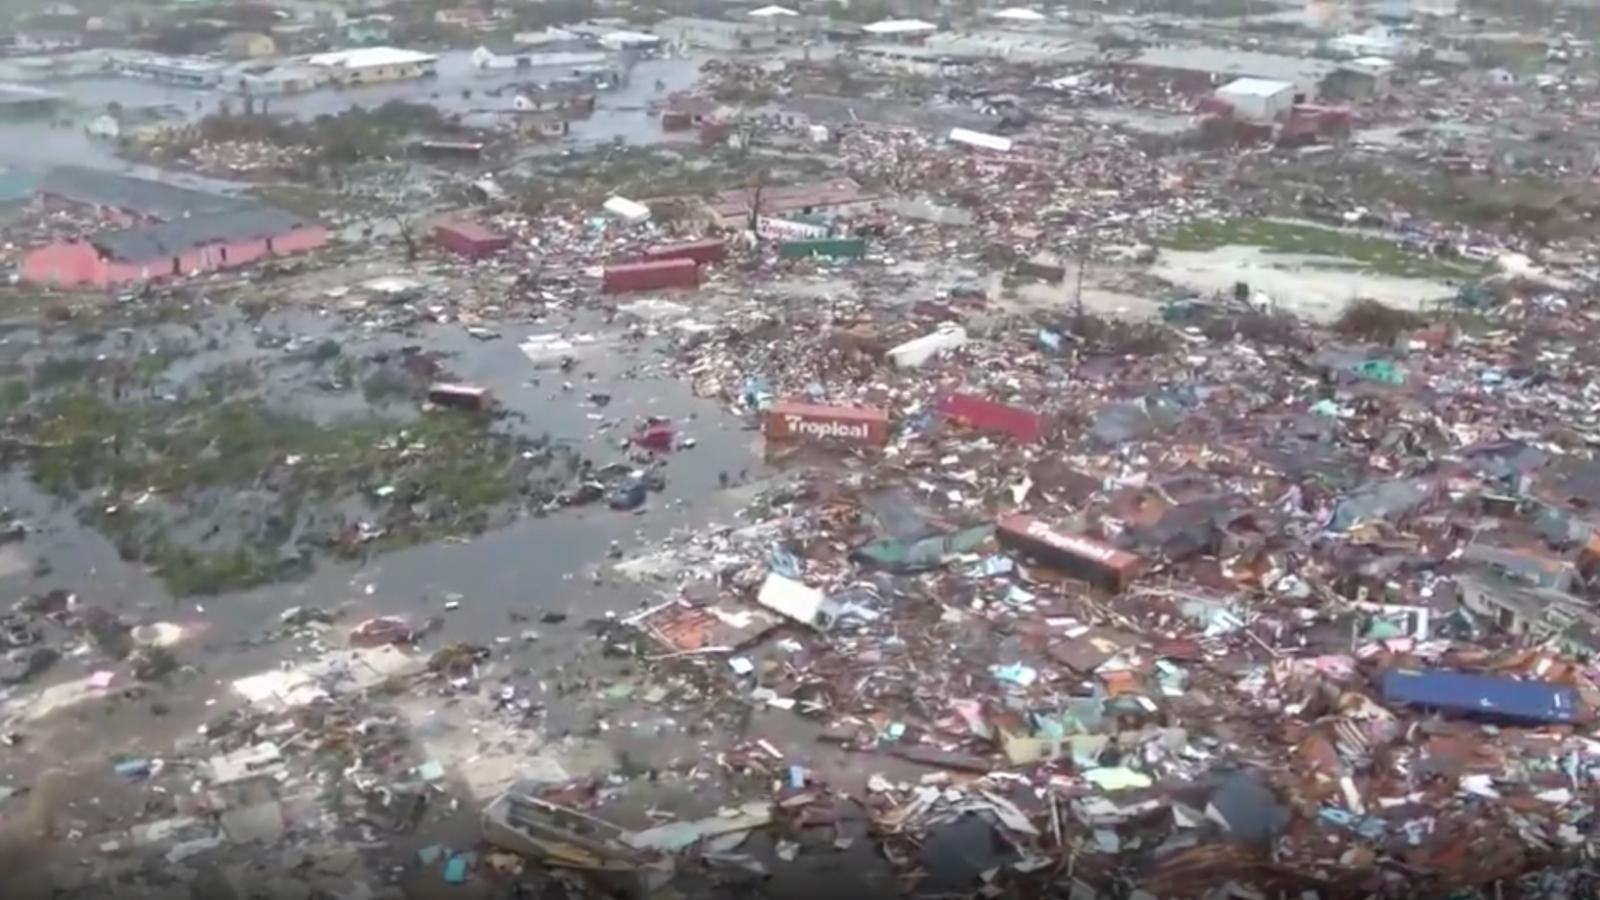 Imágenes devastadoras de las Bahamas tras el paso de Dorian